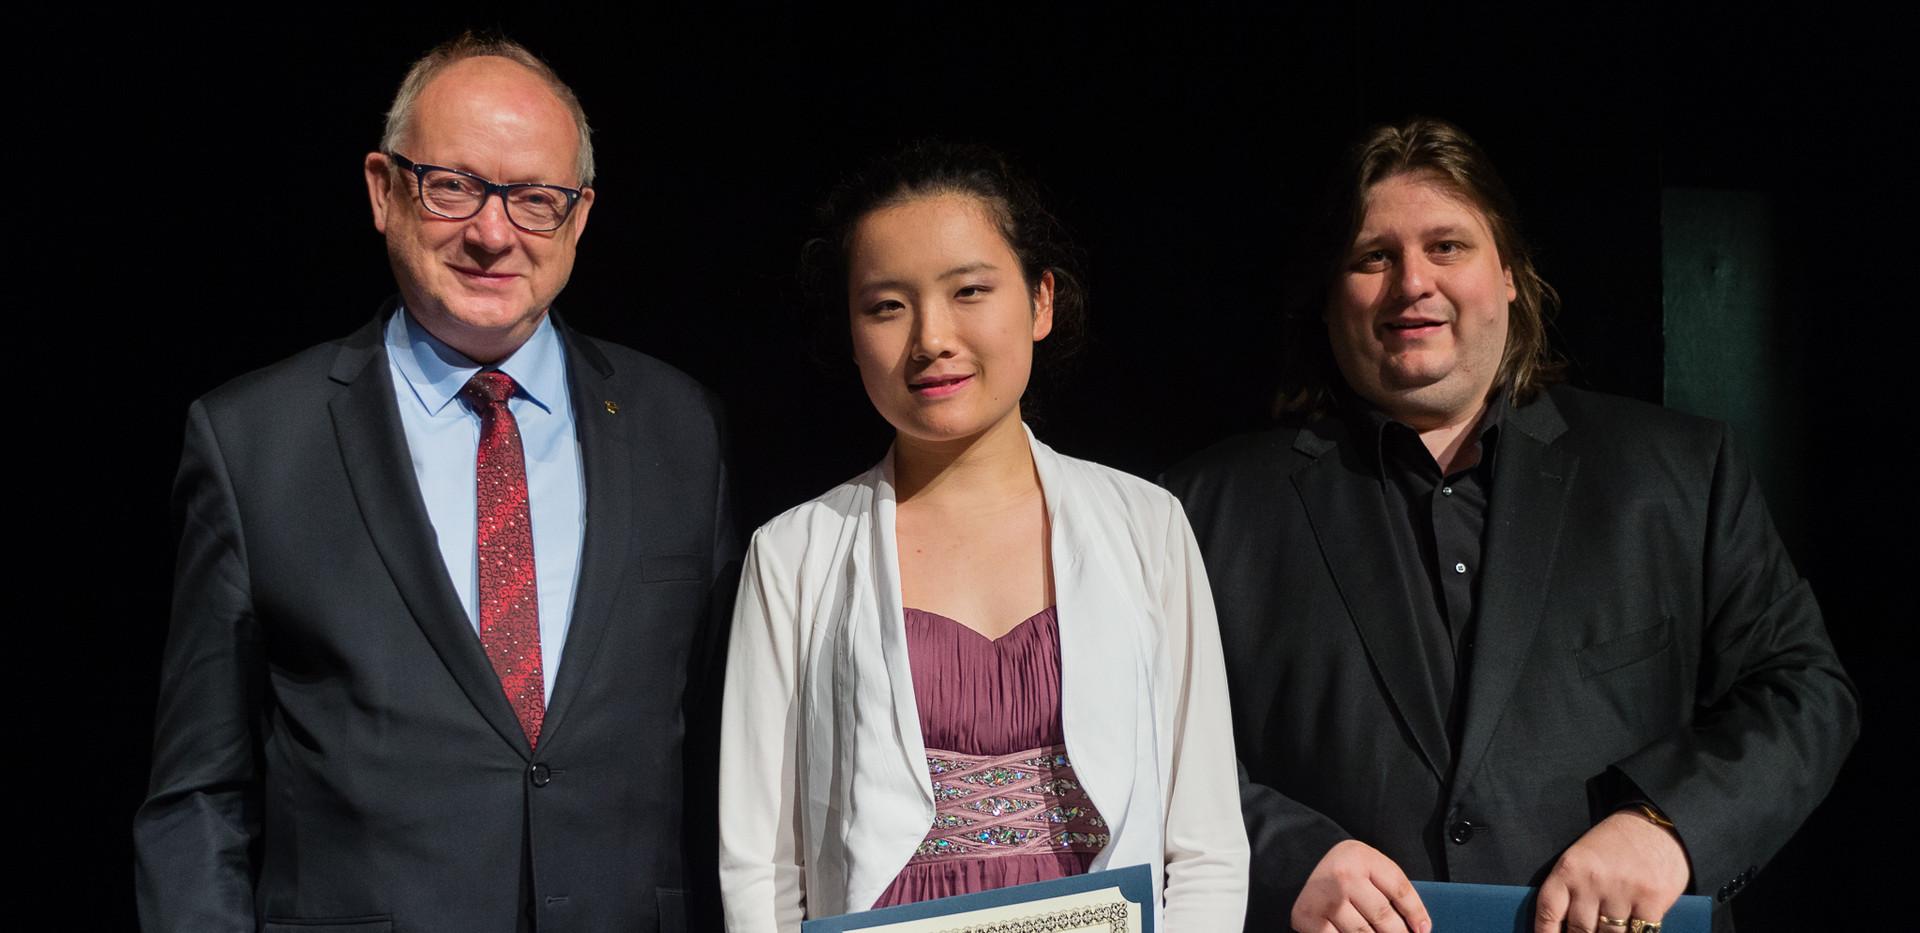 Sławomir Kolasiński - Skarbnik Miasta Tarnowa, Jingfang Tan (Chiny), dr Krystian Tkaczewski